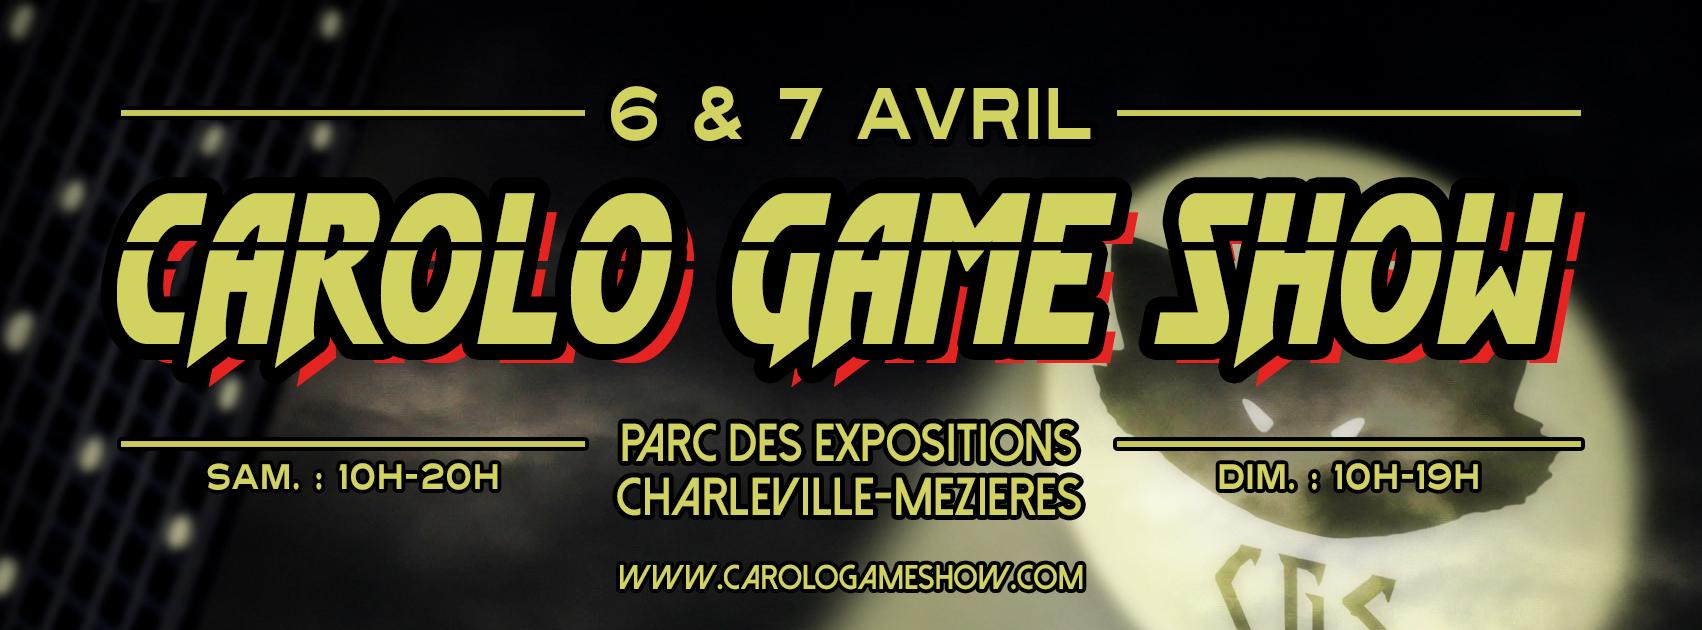 ID-Rep Electronic présent au Carolo Game Show